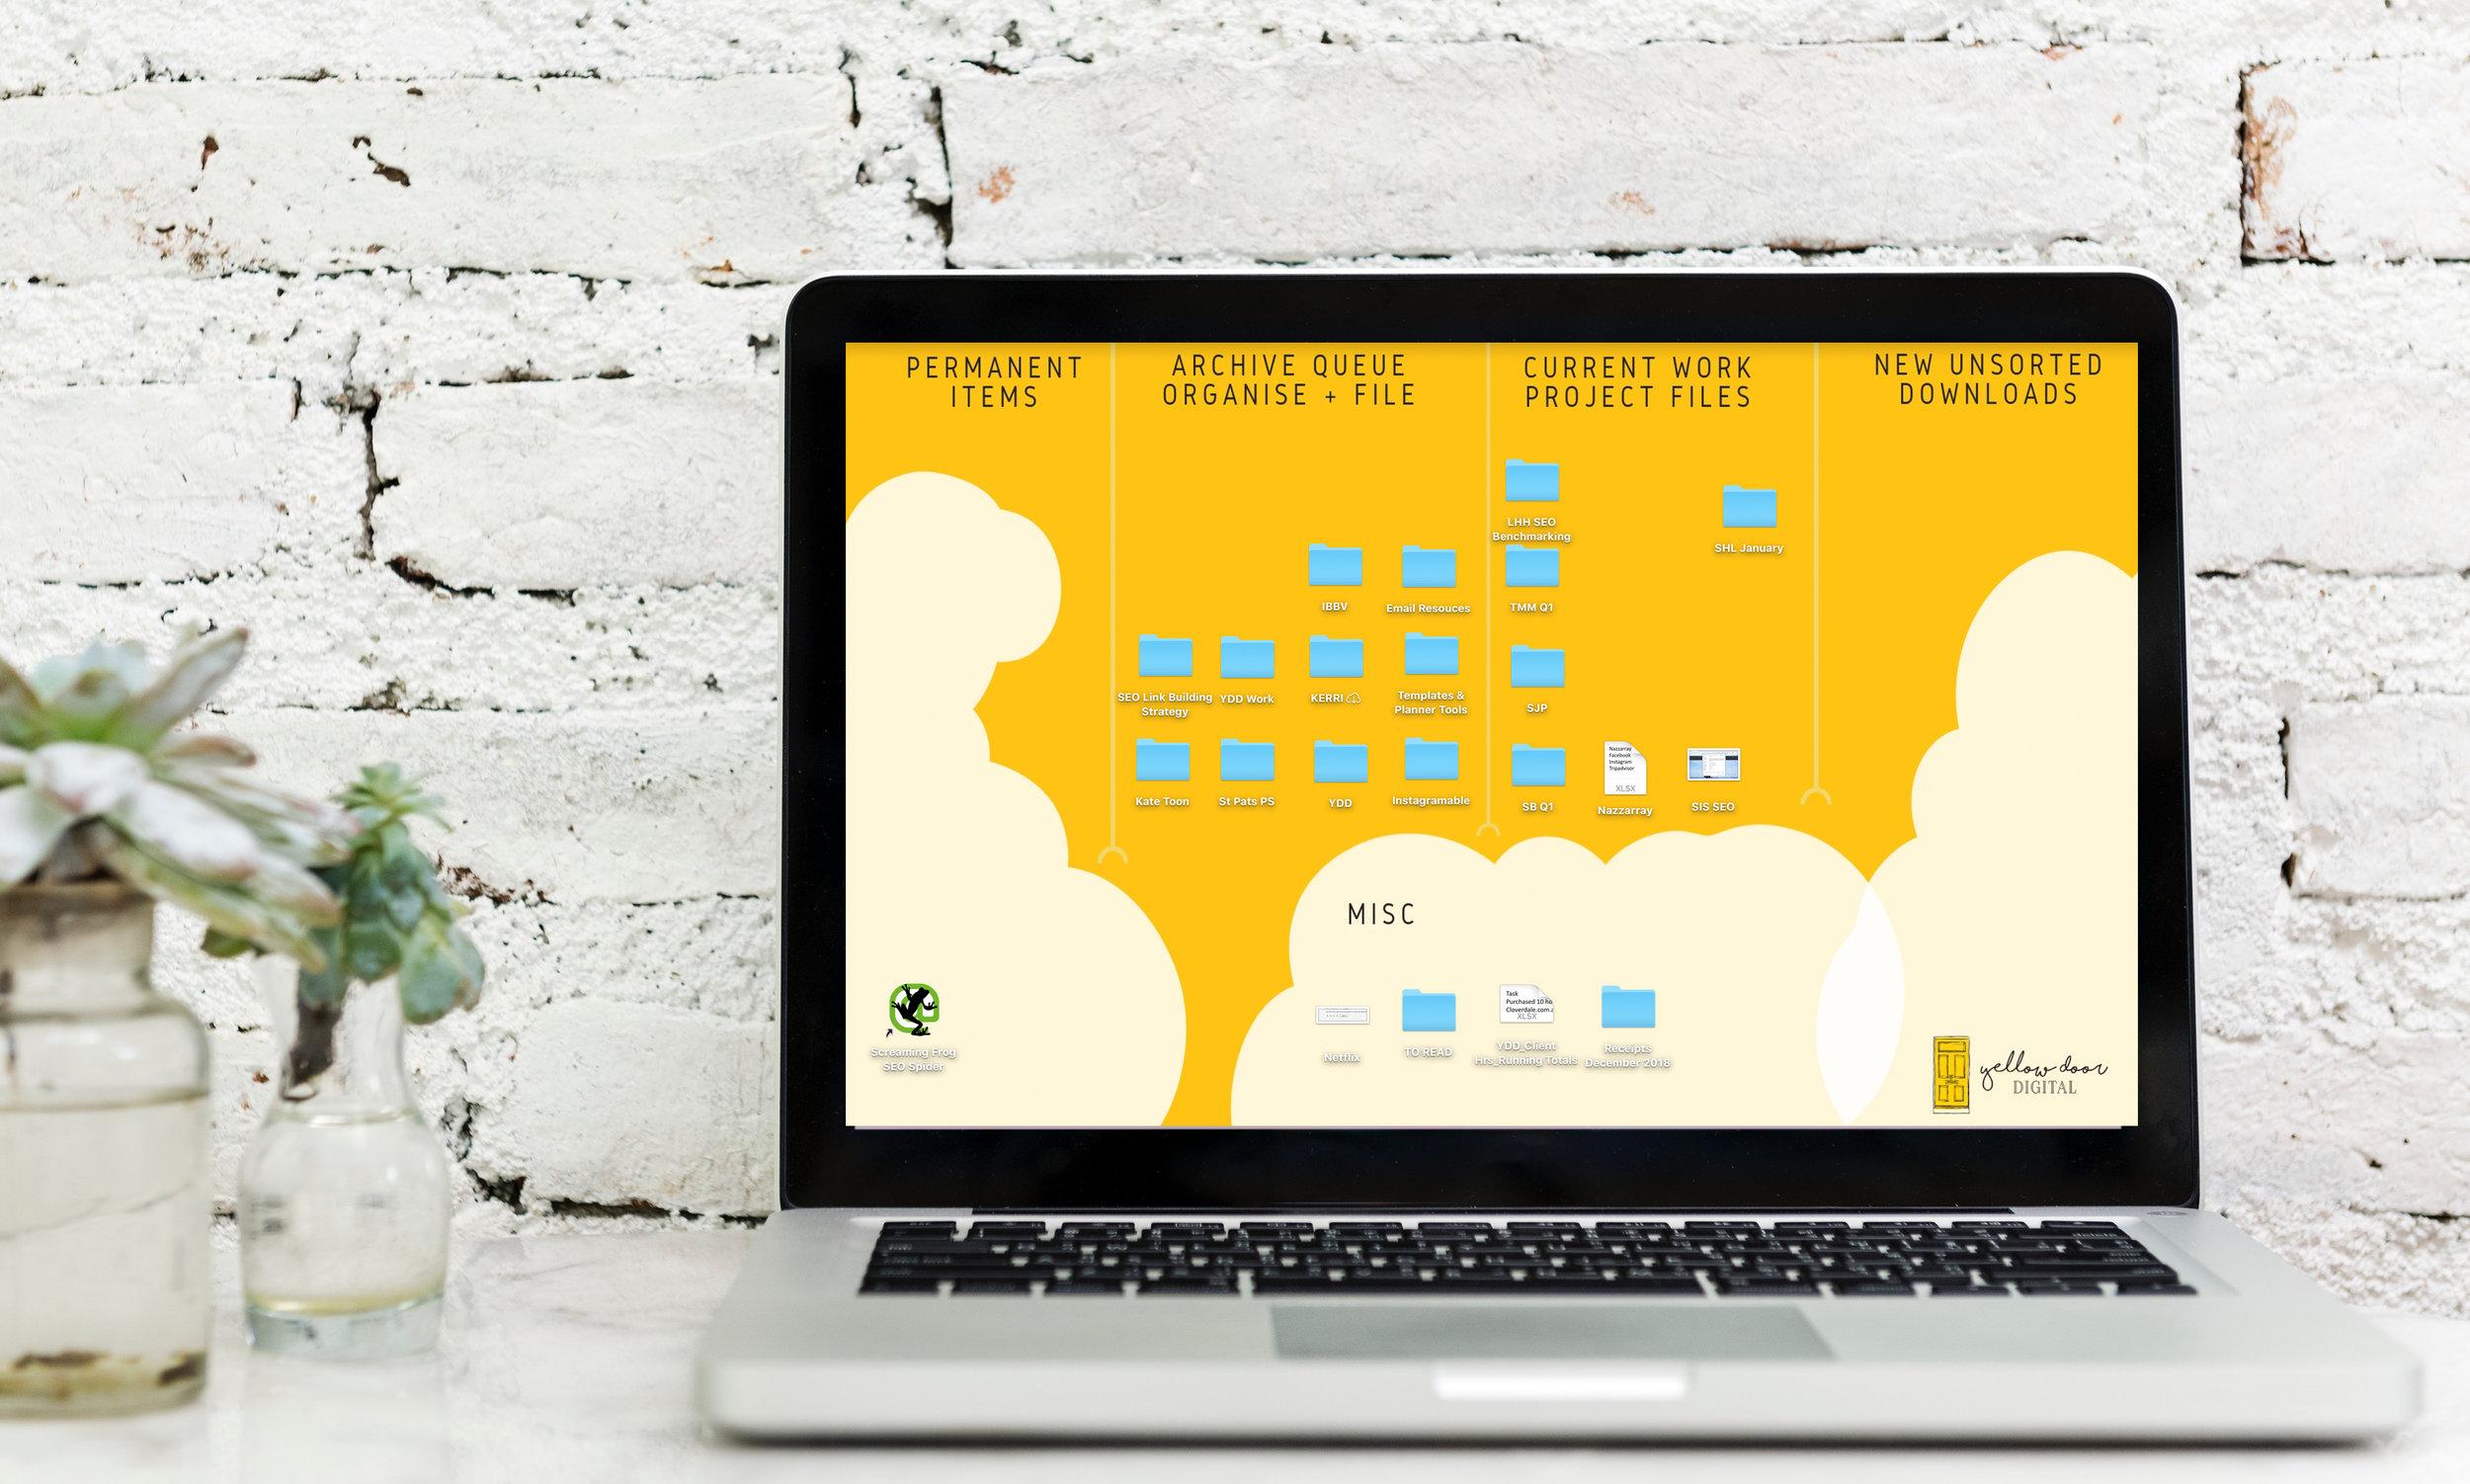 Free Productivity desktop wallpaper. Work like a pro.